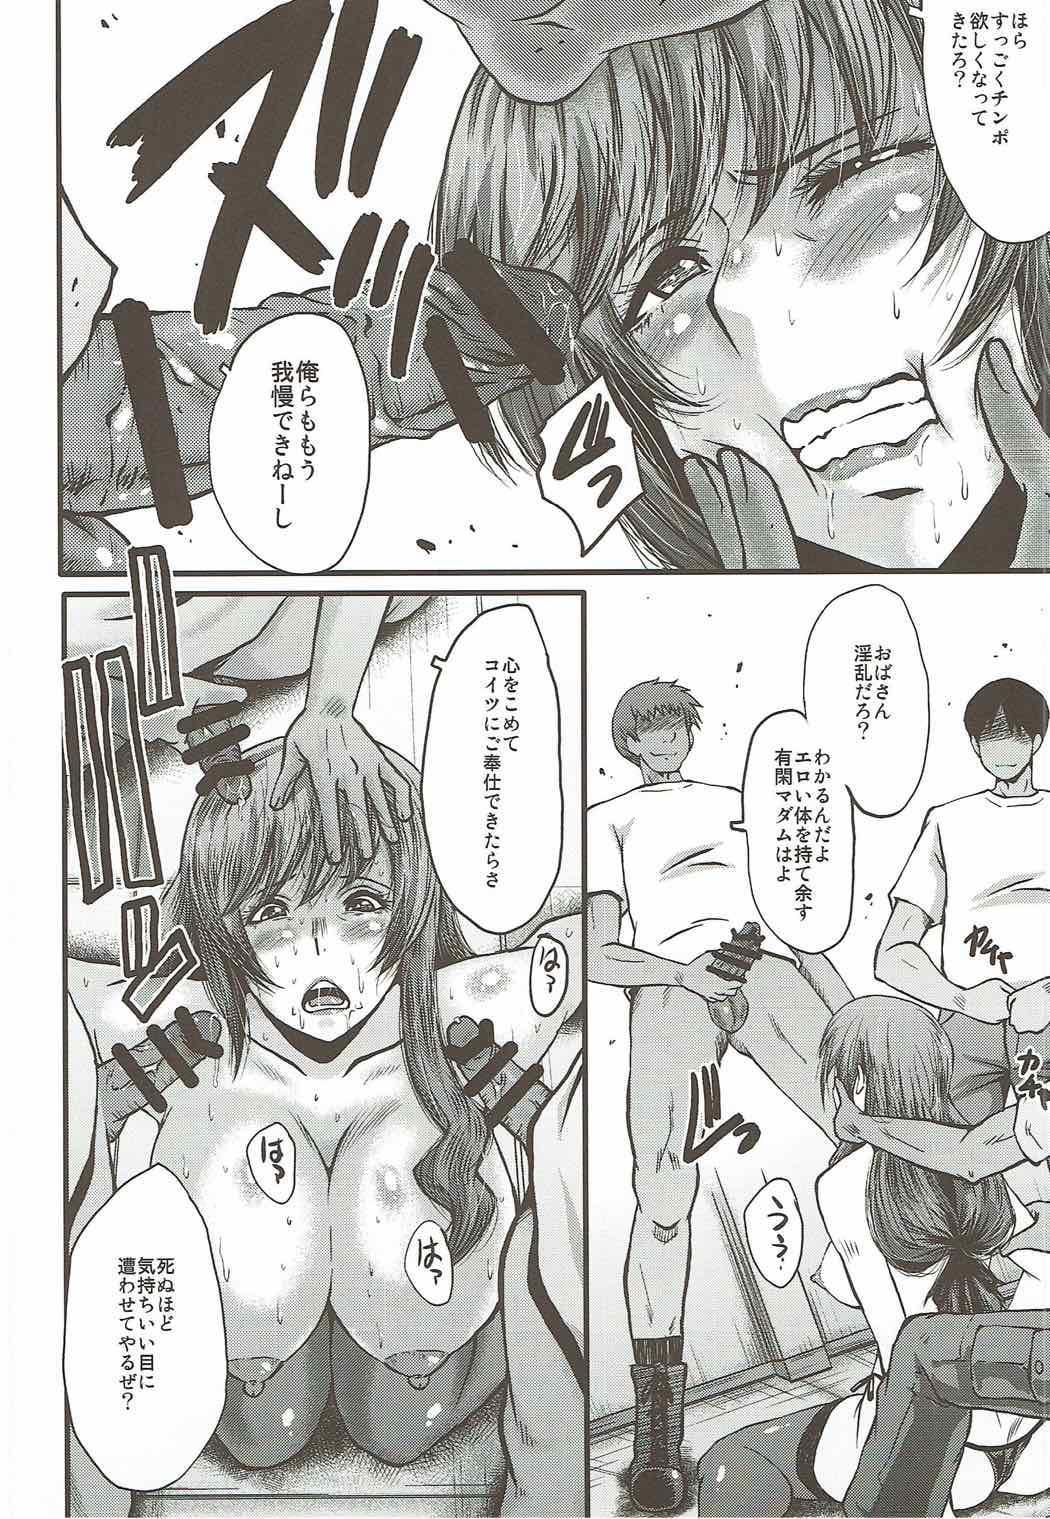 Urabambi Vol. 55 Yuukan Madam no Shiroi Niku 8